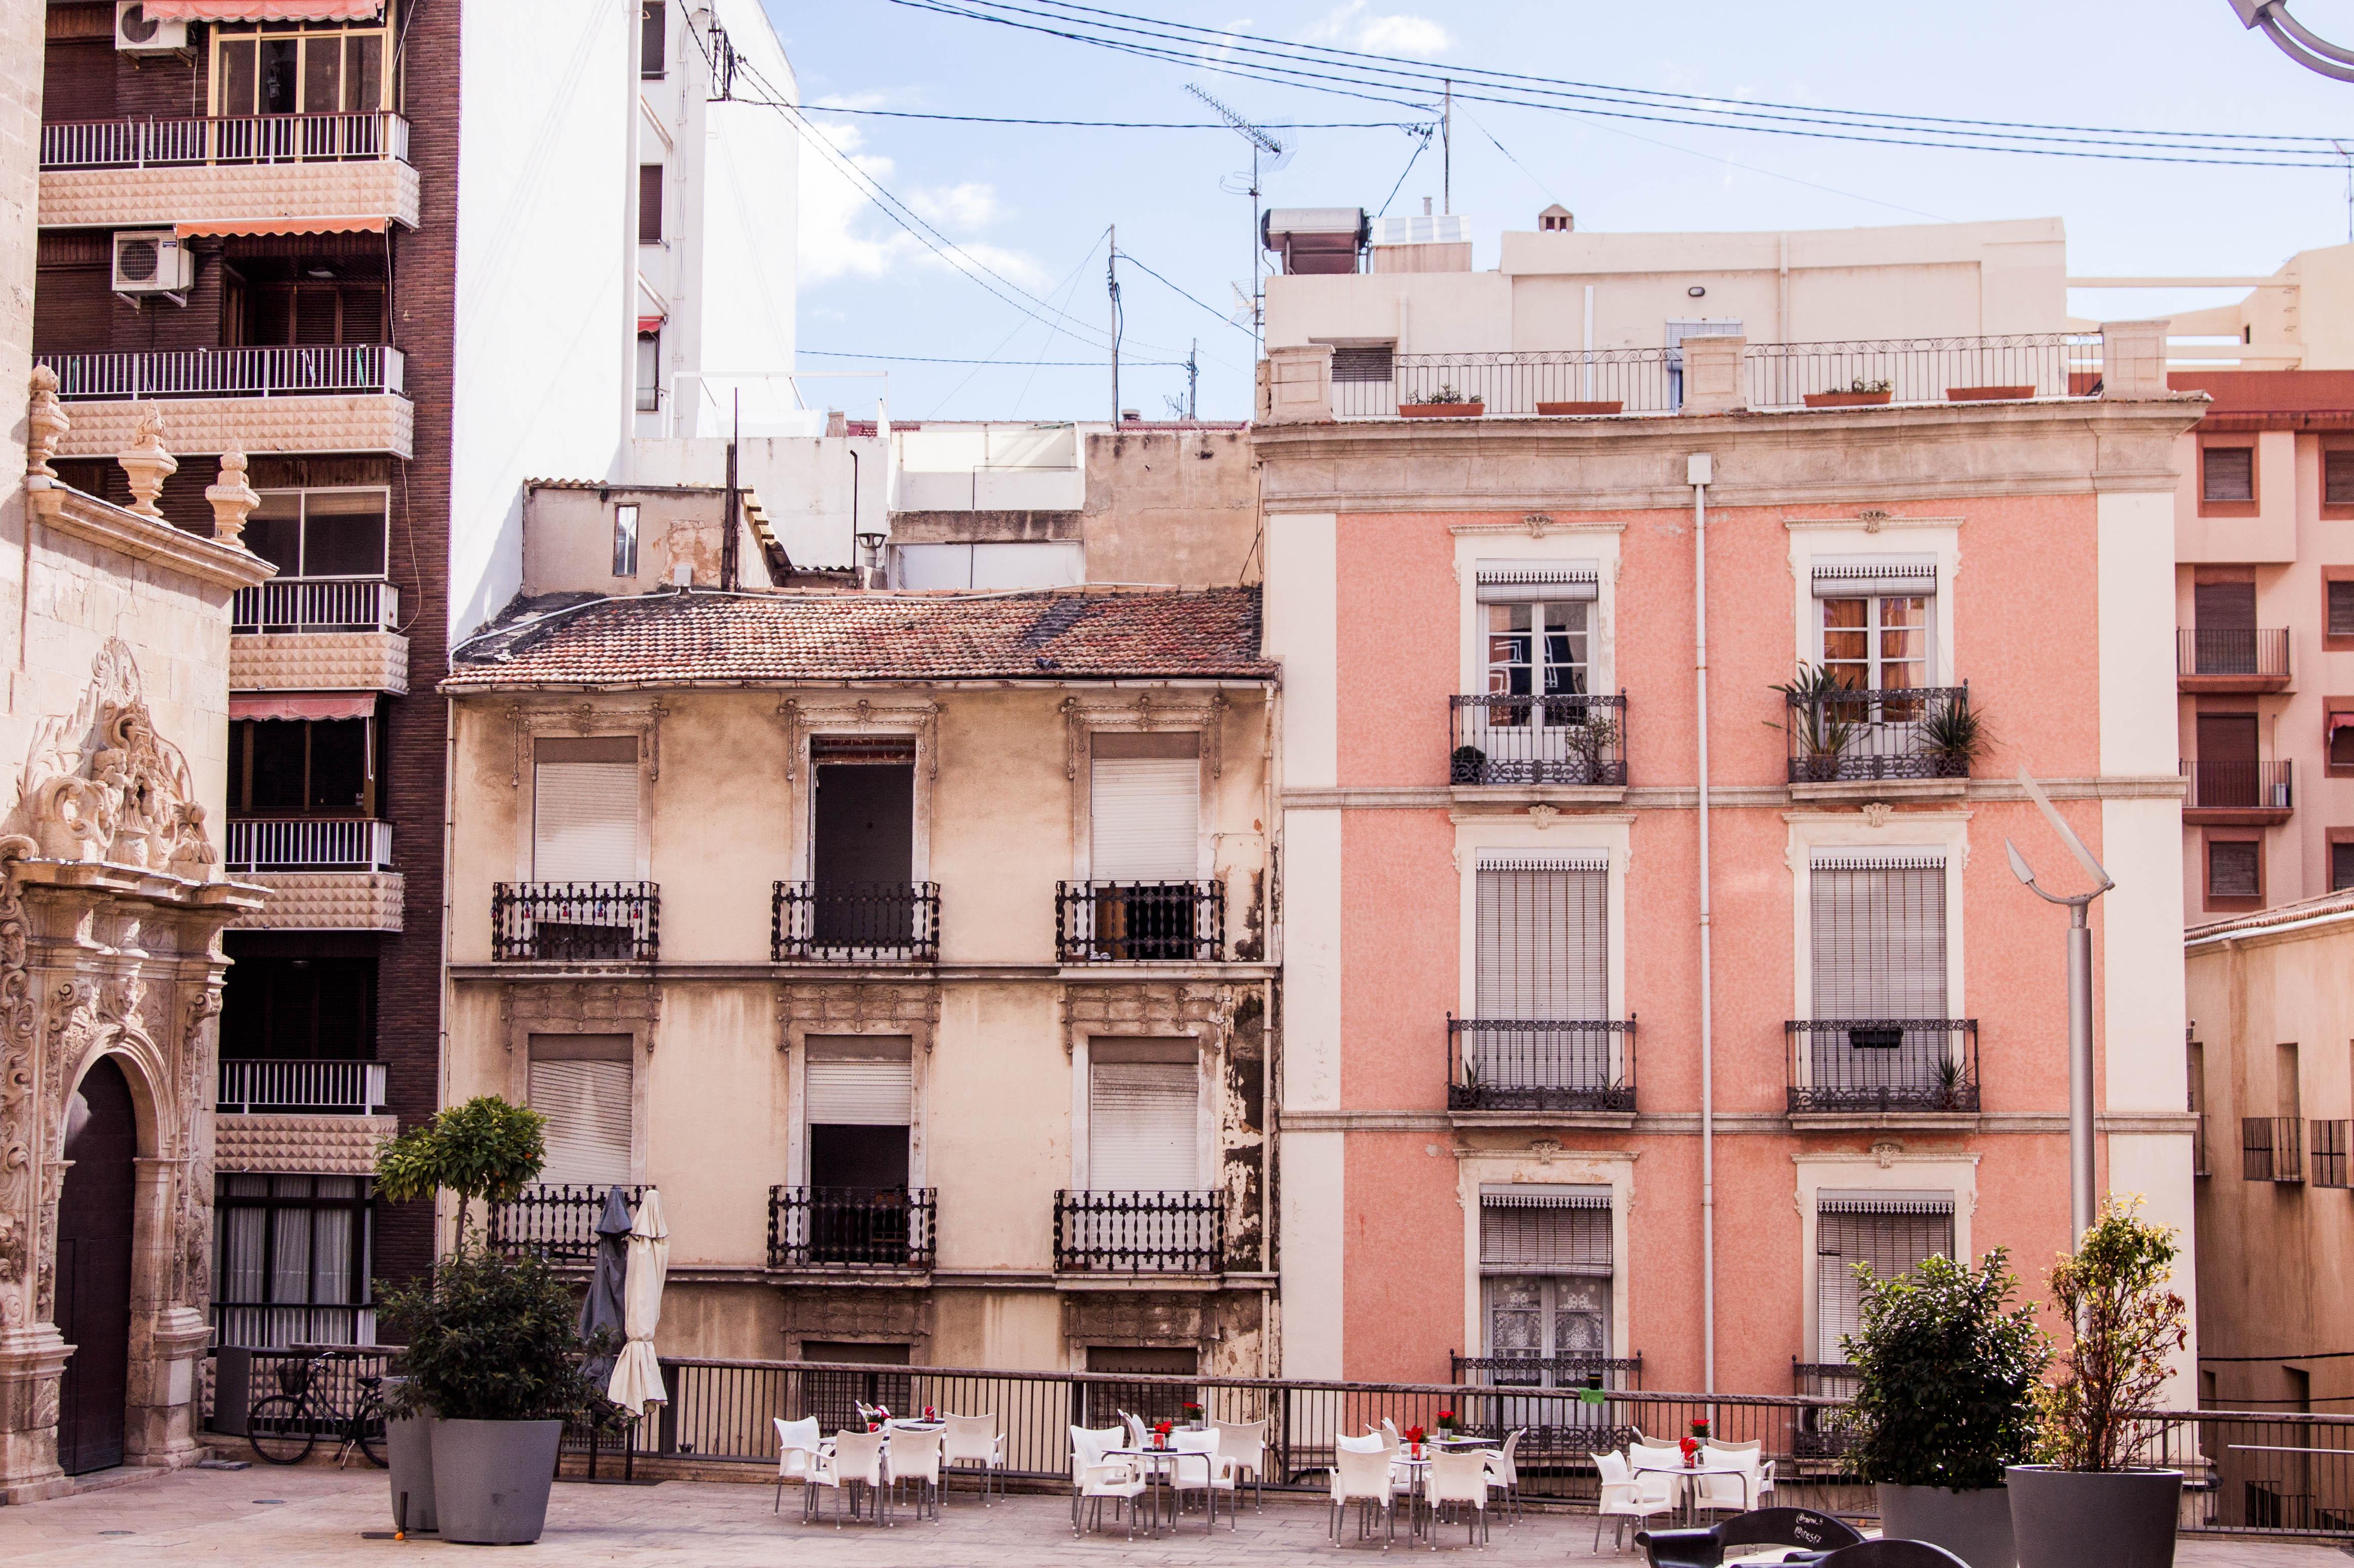 Alicante streets